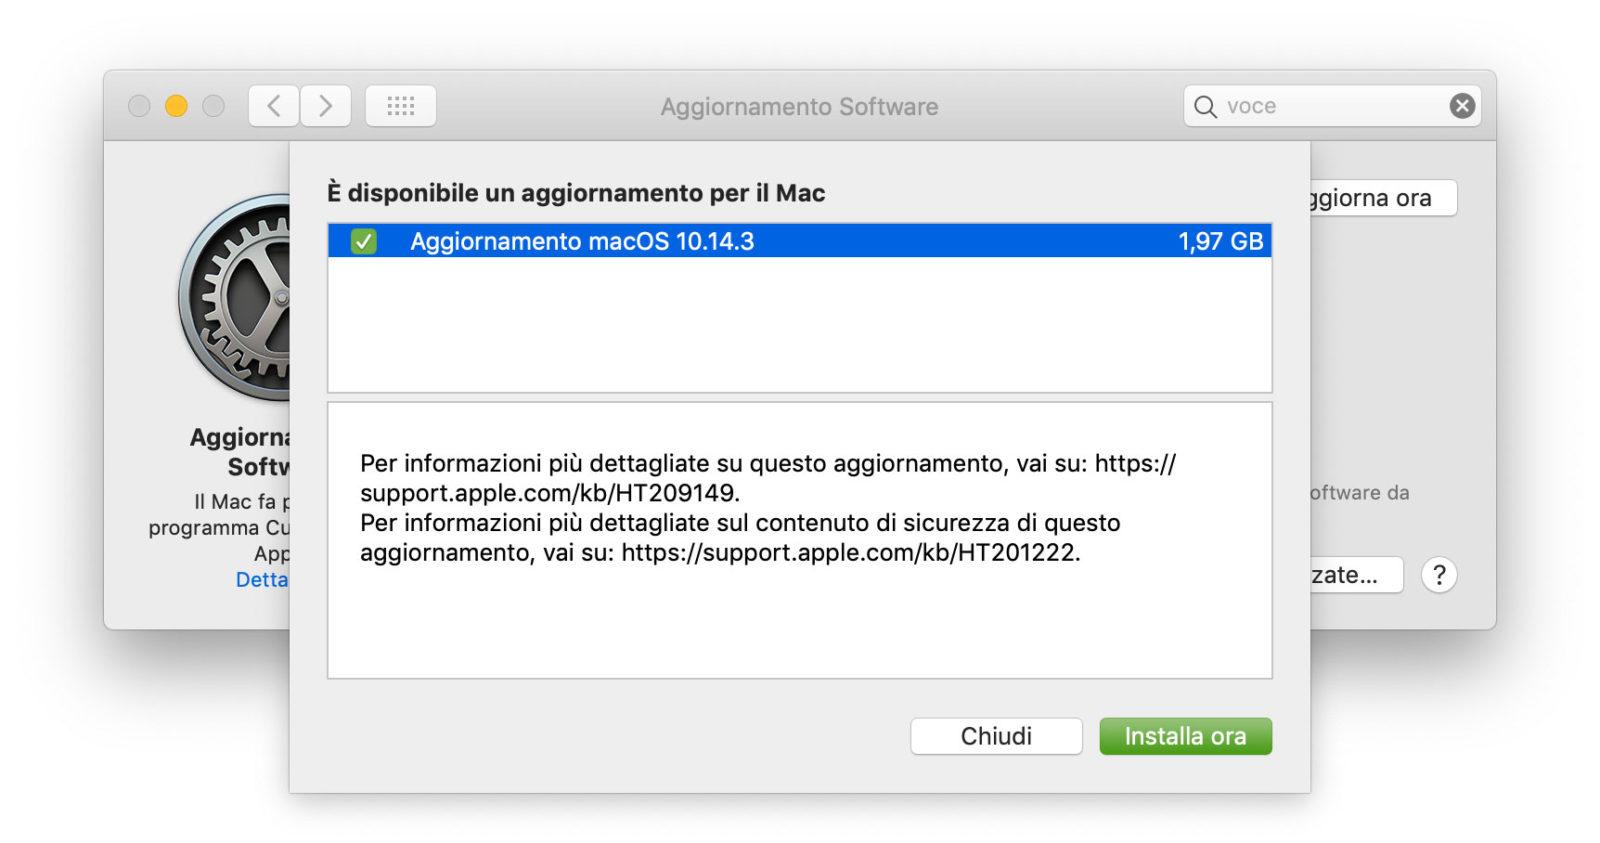 Aggiornamento a macOS 10.14.3